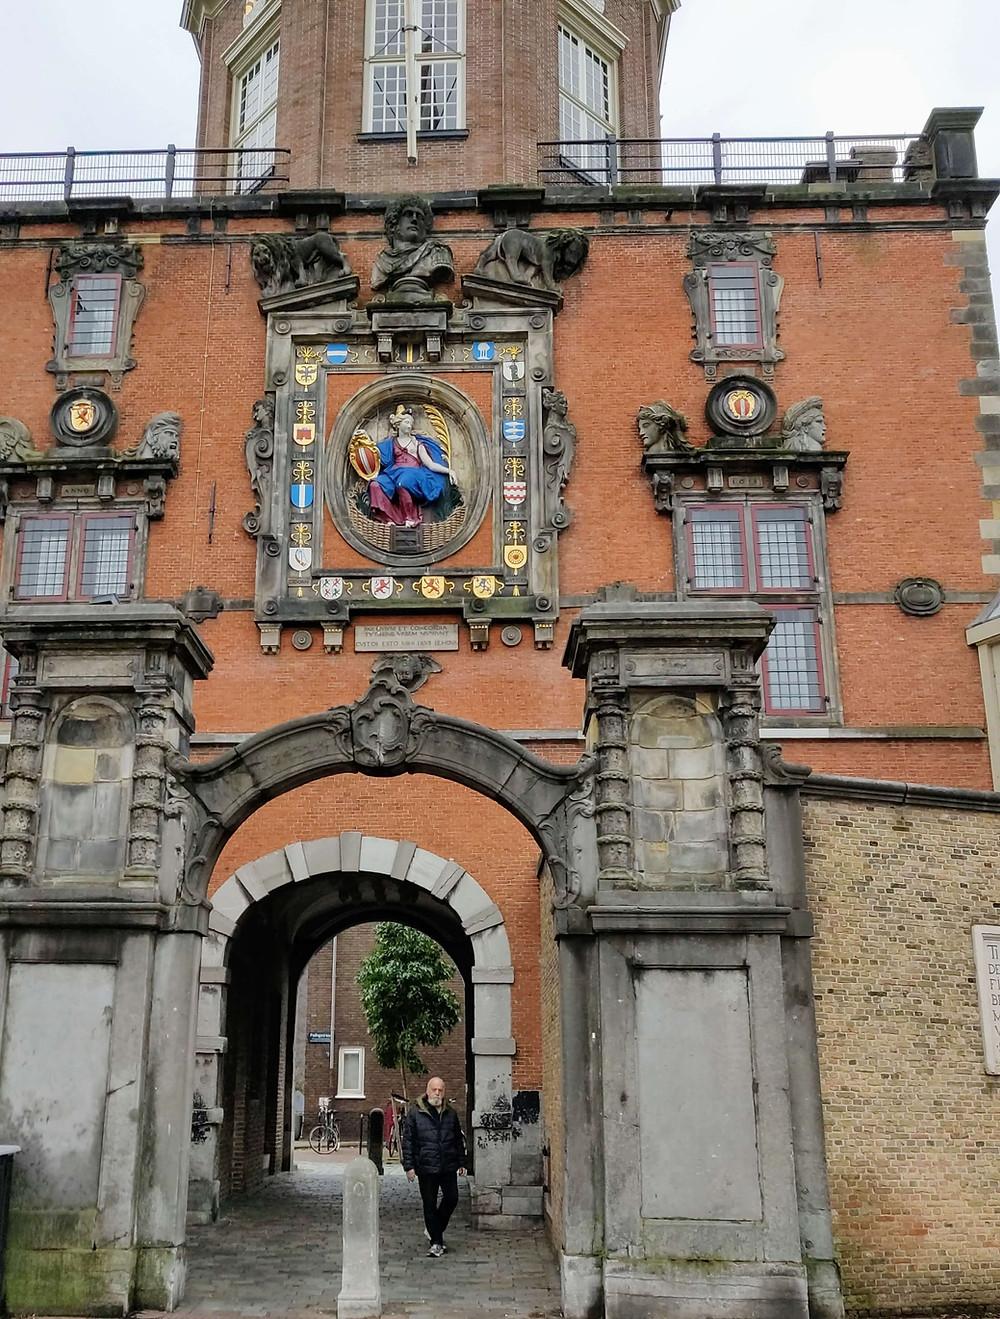 השער גדול משנת 1440. כל הבא מכיוון המים יכול לראותו